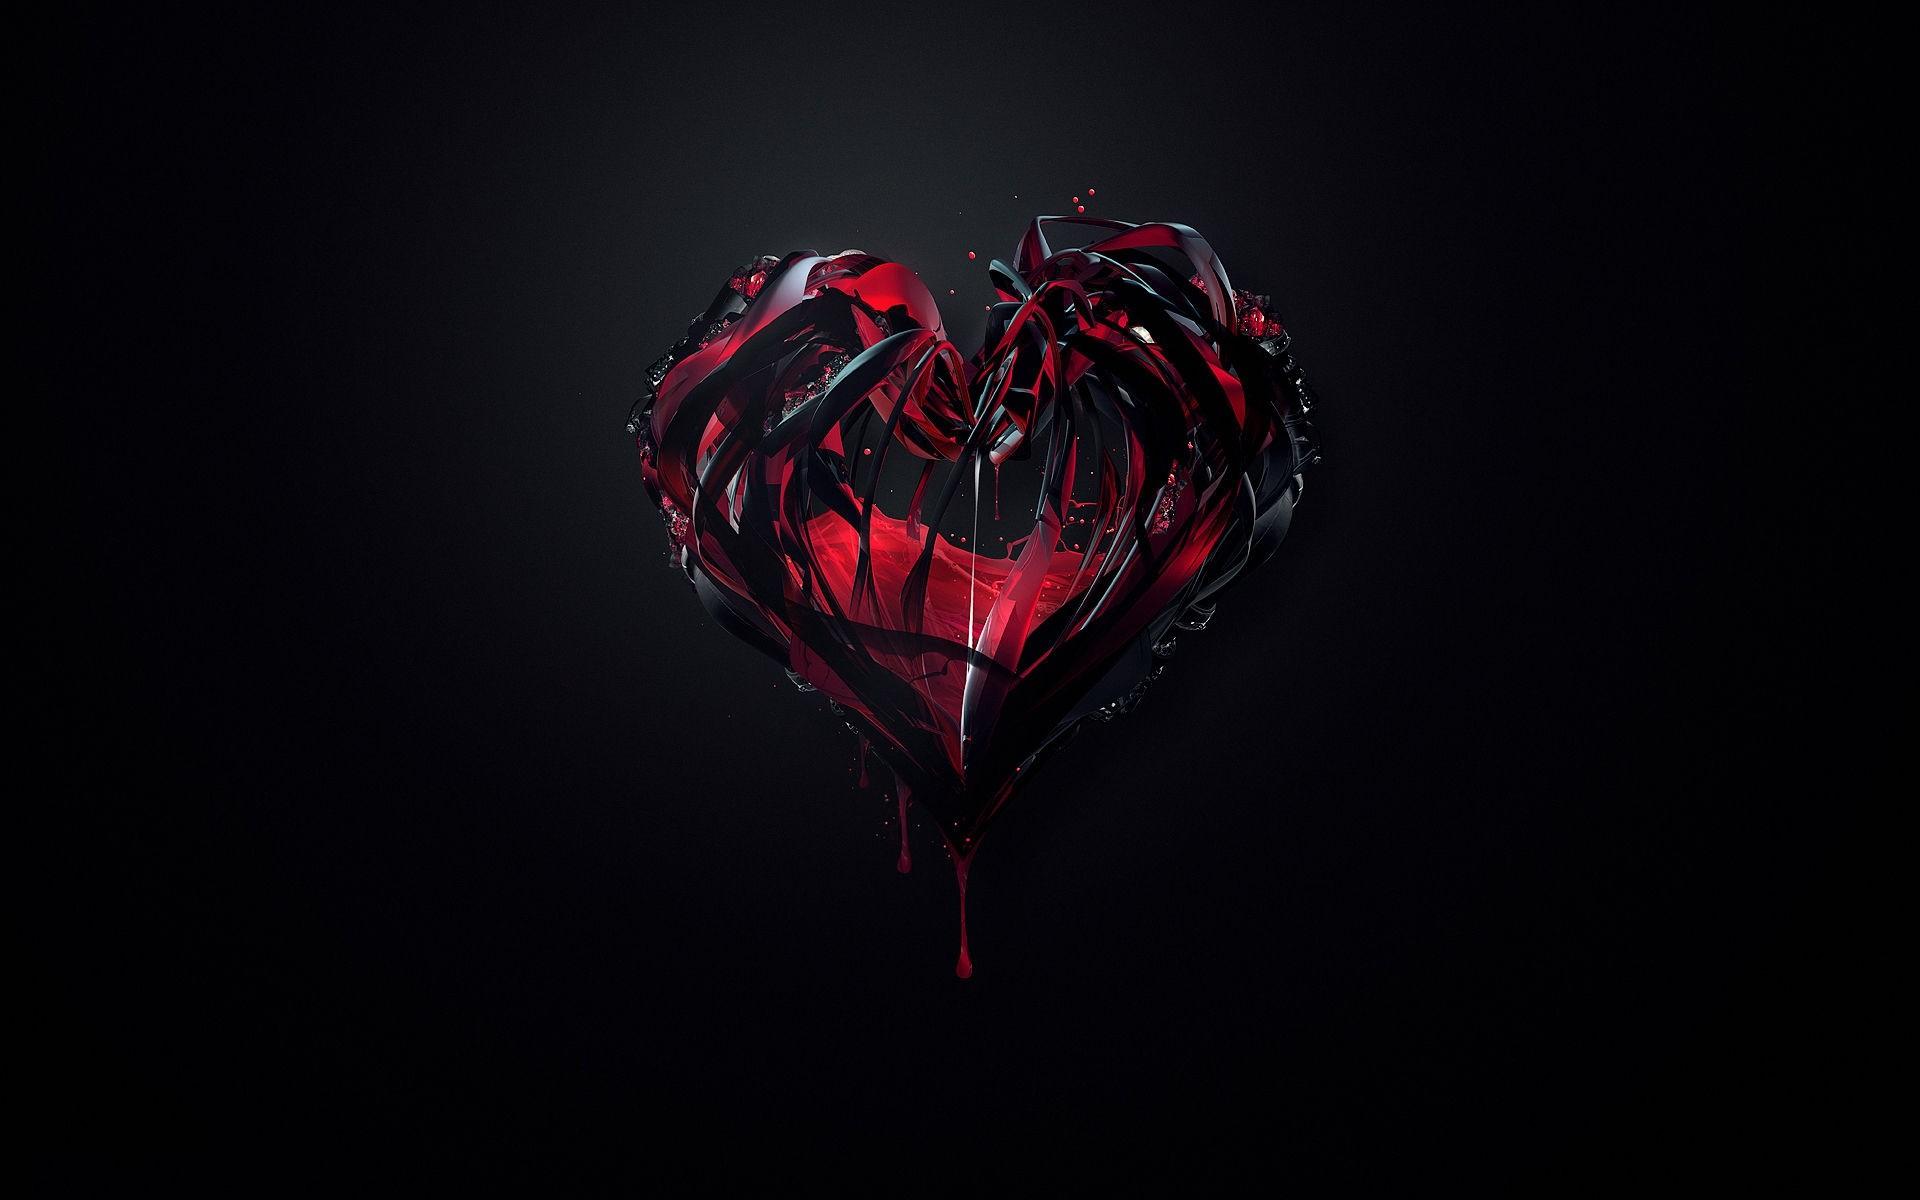 broken heart wallpaper 72 images